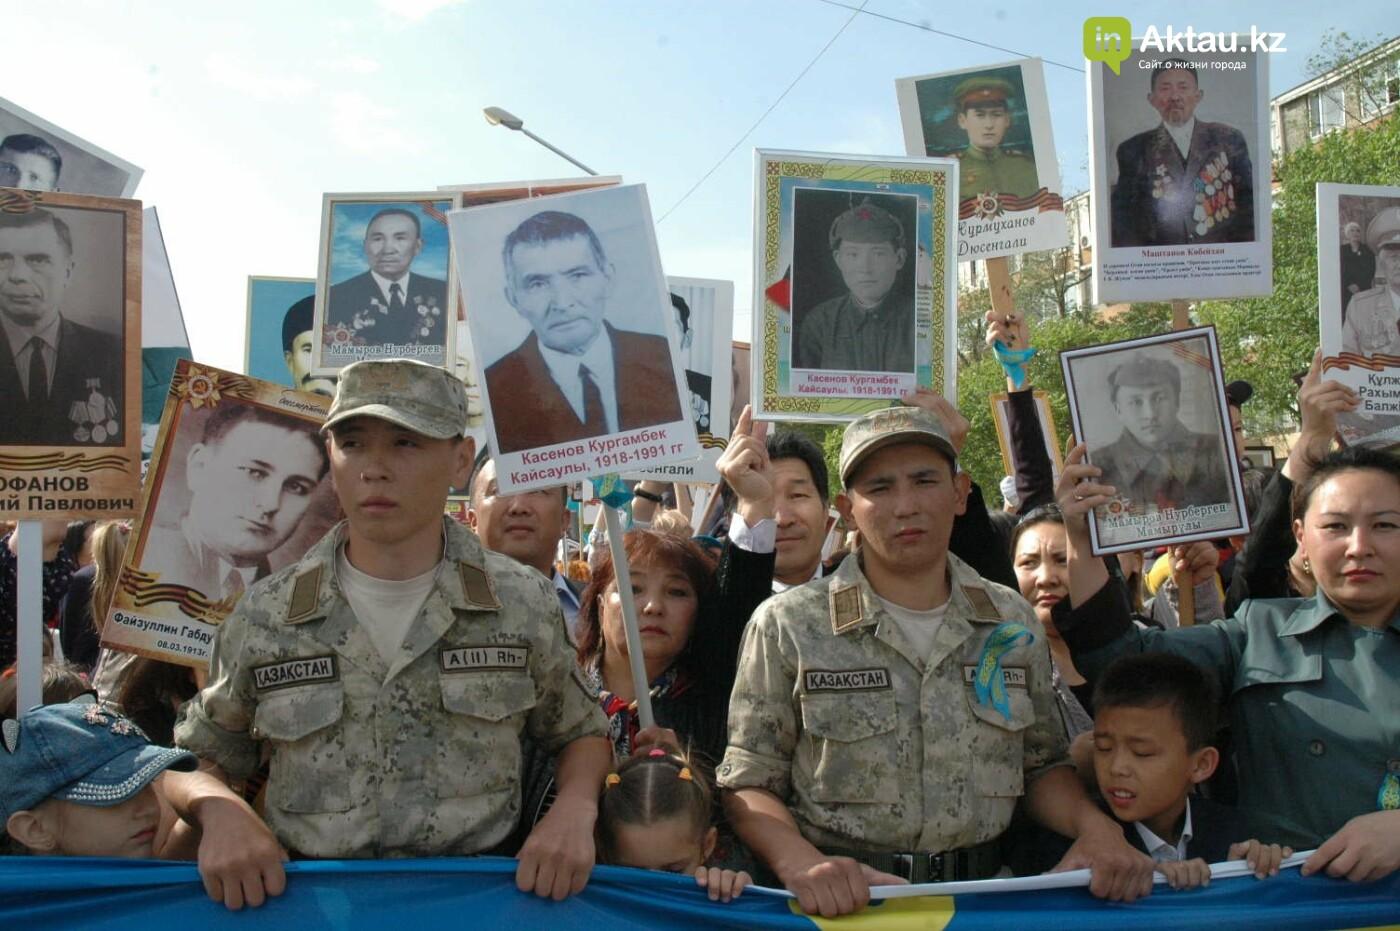 Как праздновали День Победы в Актау (ВИДЕО), фото-11